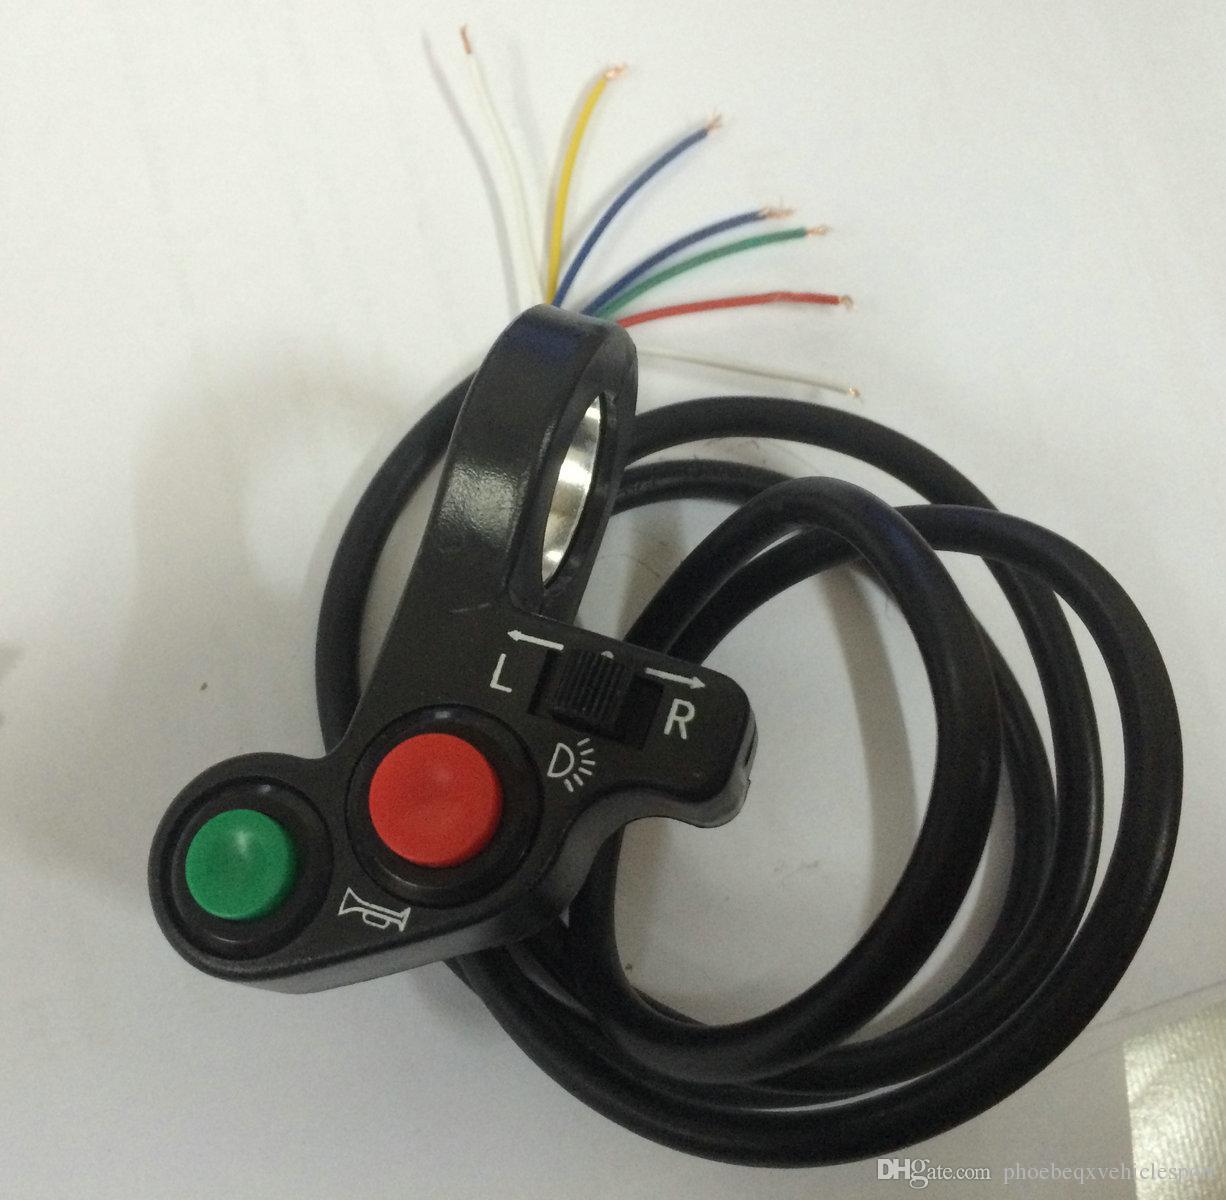 Multifunktionsschalter Drehen Signal Ein / Aus-horn + / Scheinwerferschalter kombiniert Schalter Elektroroller Teile elektrische Fahrradzubehör